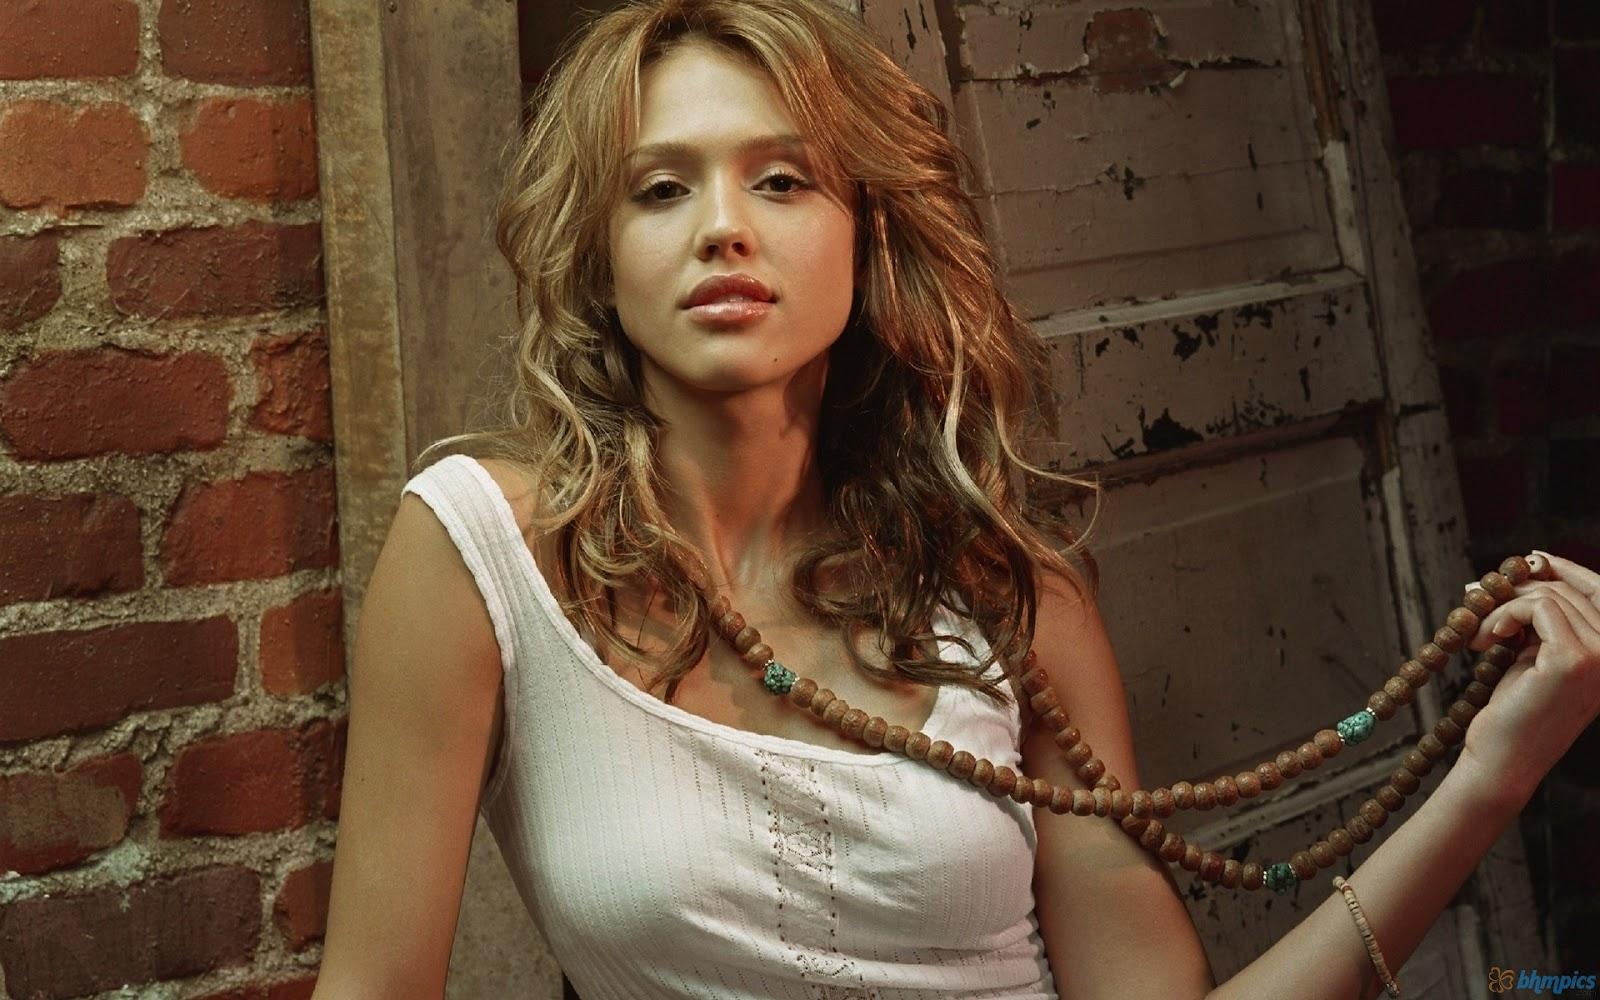 http://2.bp.blogspot.com/-0UECSL7DF4w/T7ux3ML1tHI/AAAAAAAAB0Q/iHtNJJfkivk/s1600/blonde_jessica_alba-1920x1200.jpg